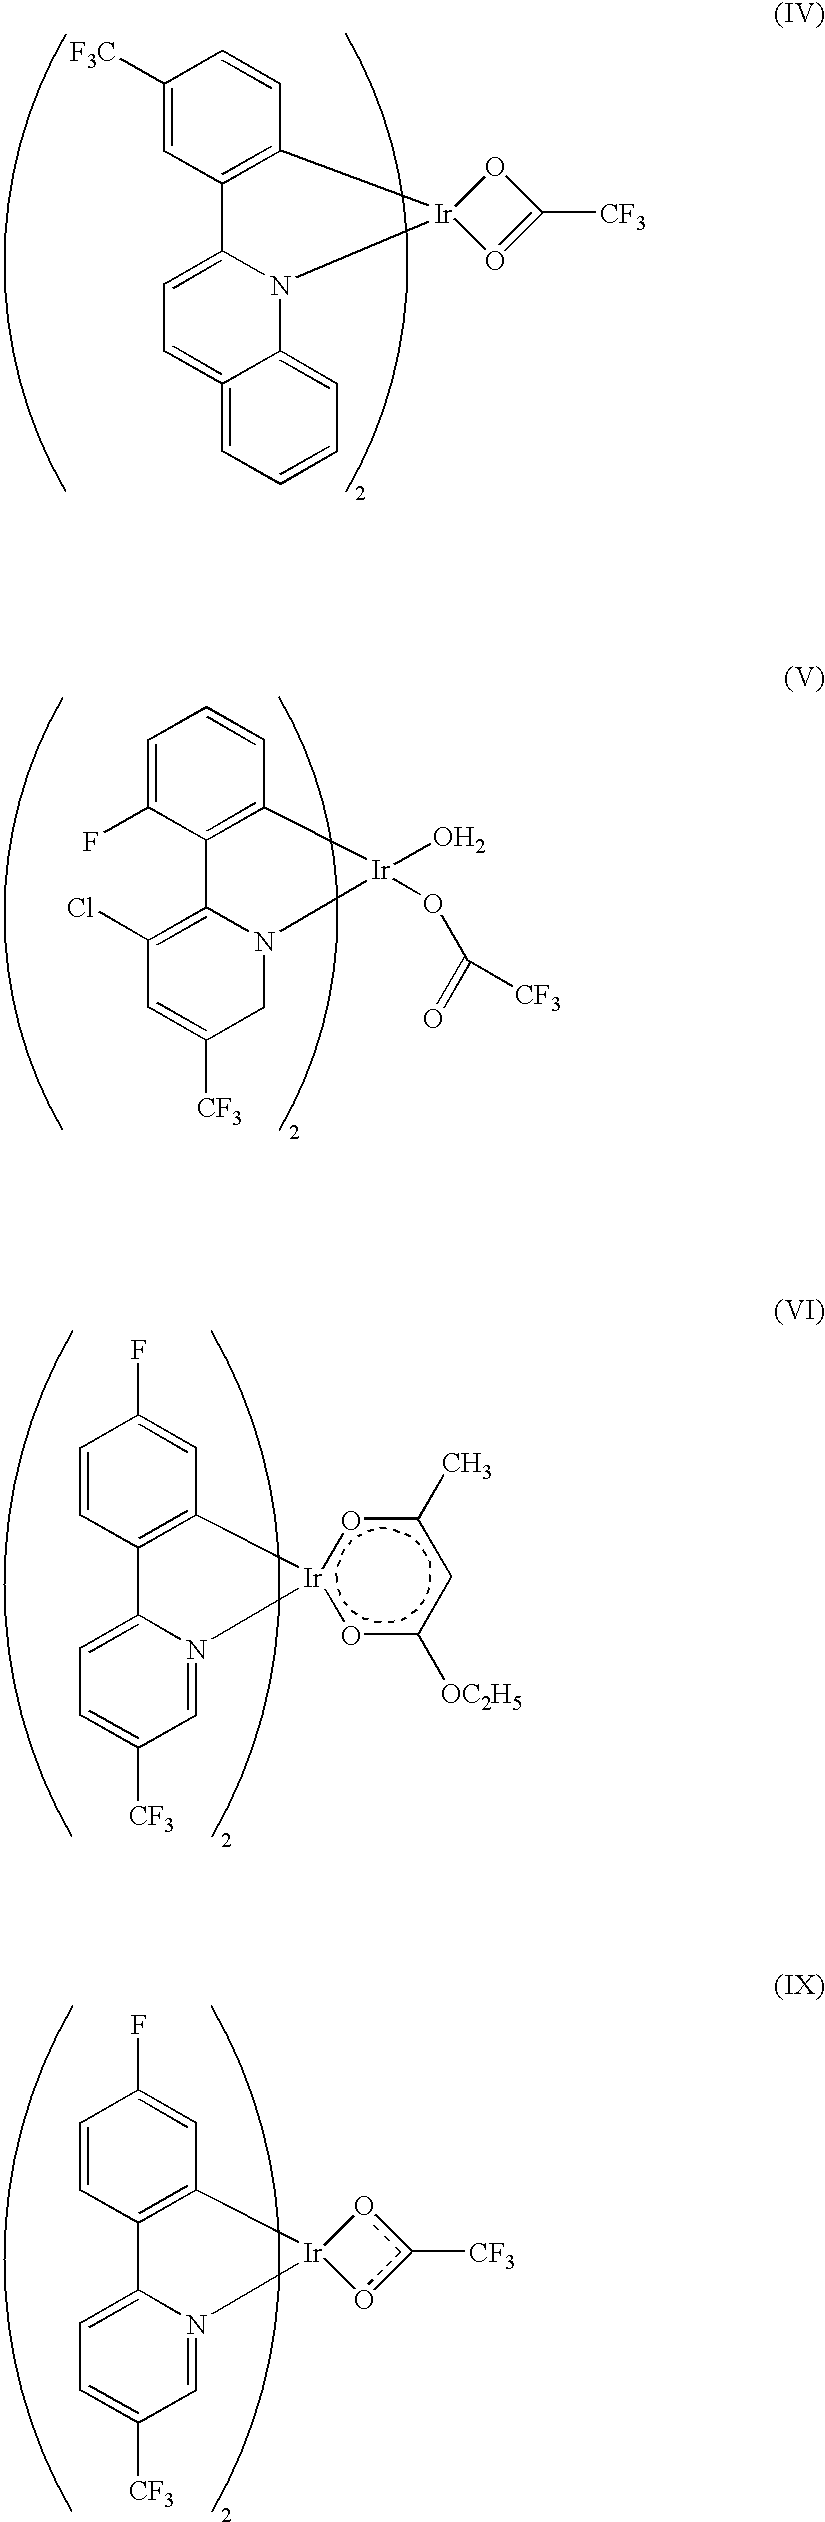 Figure US20020121638A1-20020905-C00015